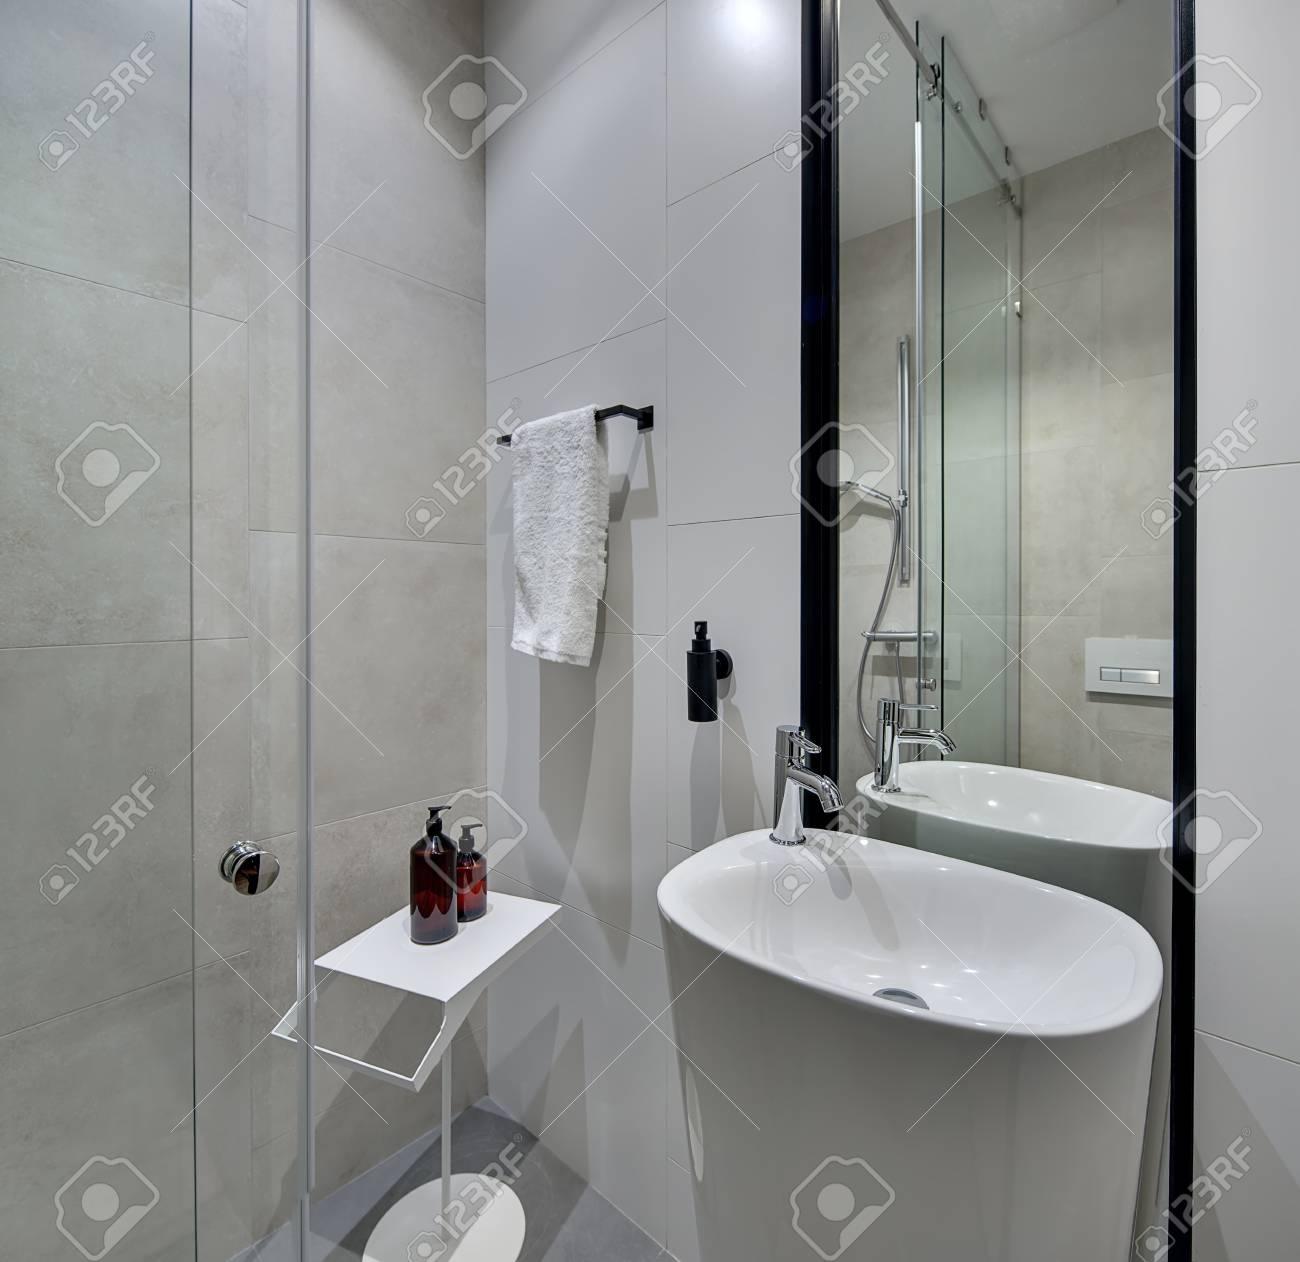 Immagini Stock - Bagno Moderno E Luminoso Con Piastrelle Bianche E ...